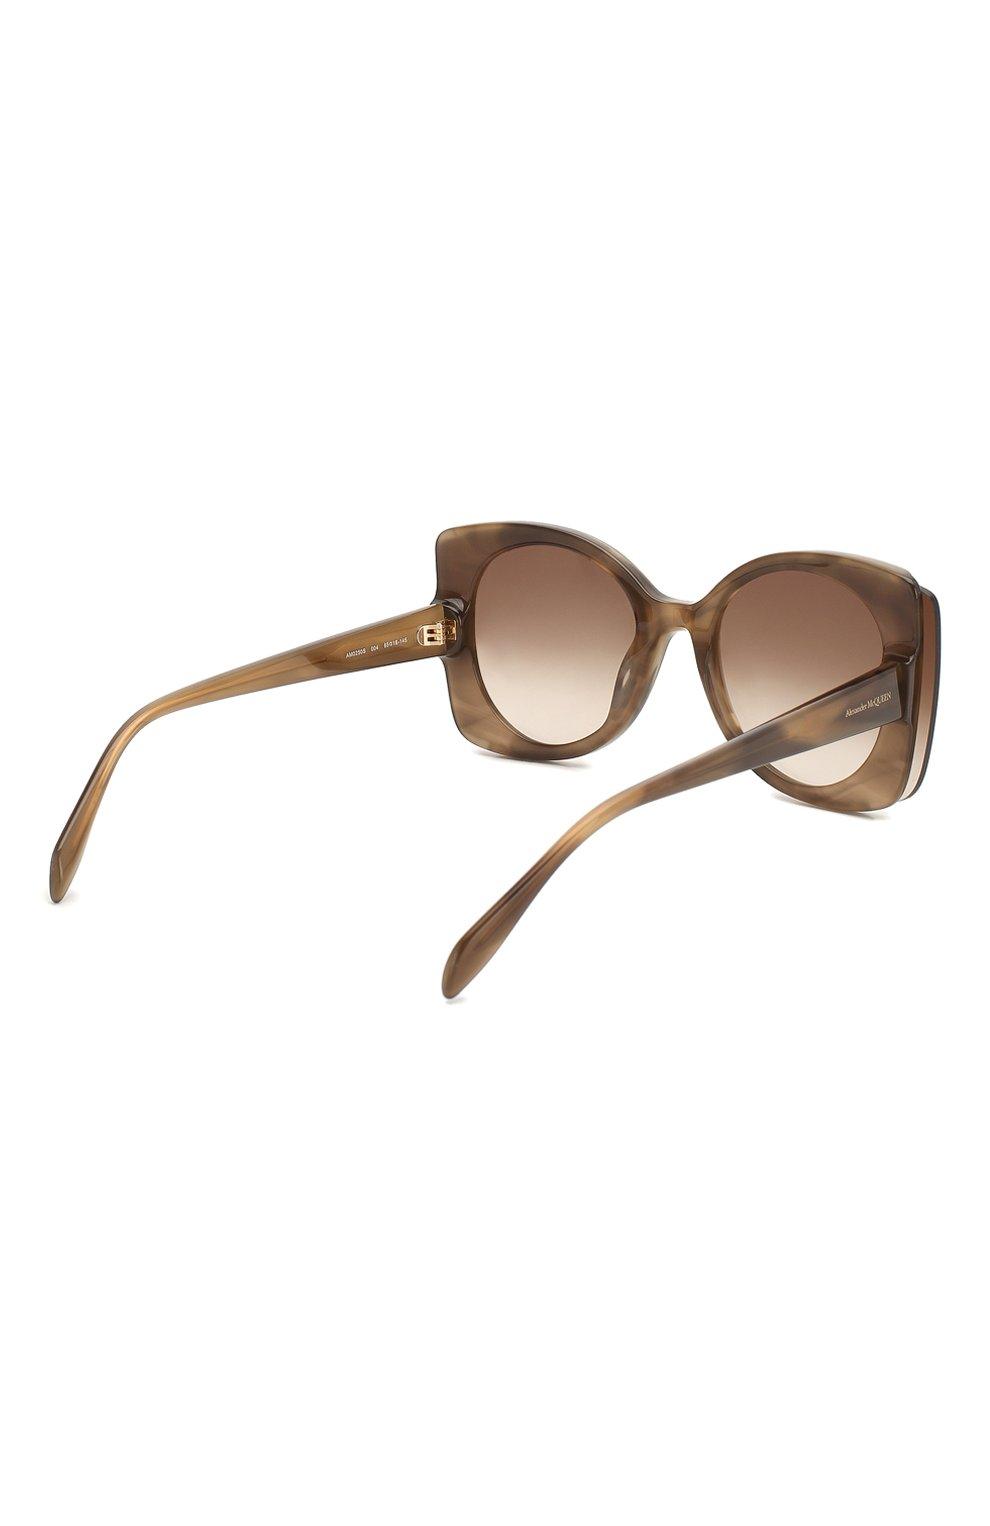 Женские солнцезащитные очки ALEXANDER MCQUEEN коричневого цвета, арт. AM0250S 004 | Фото 4